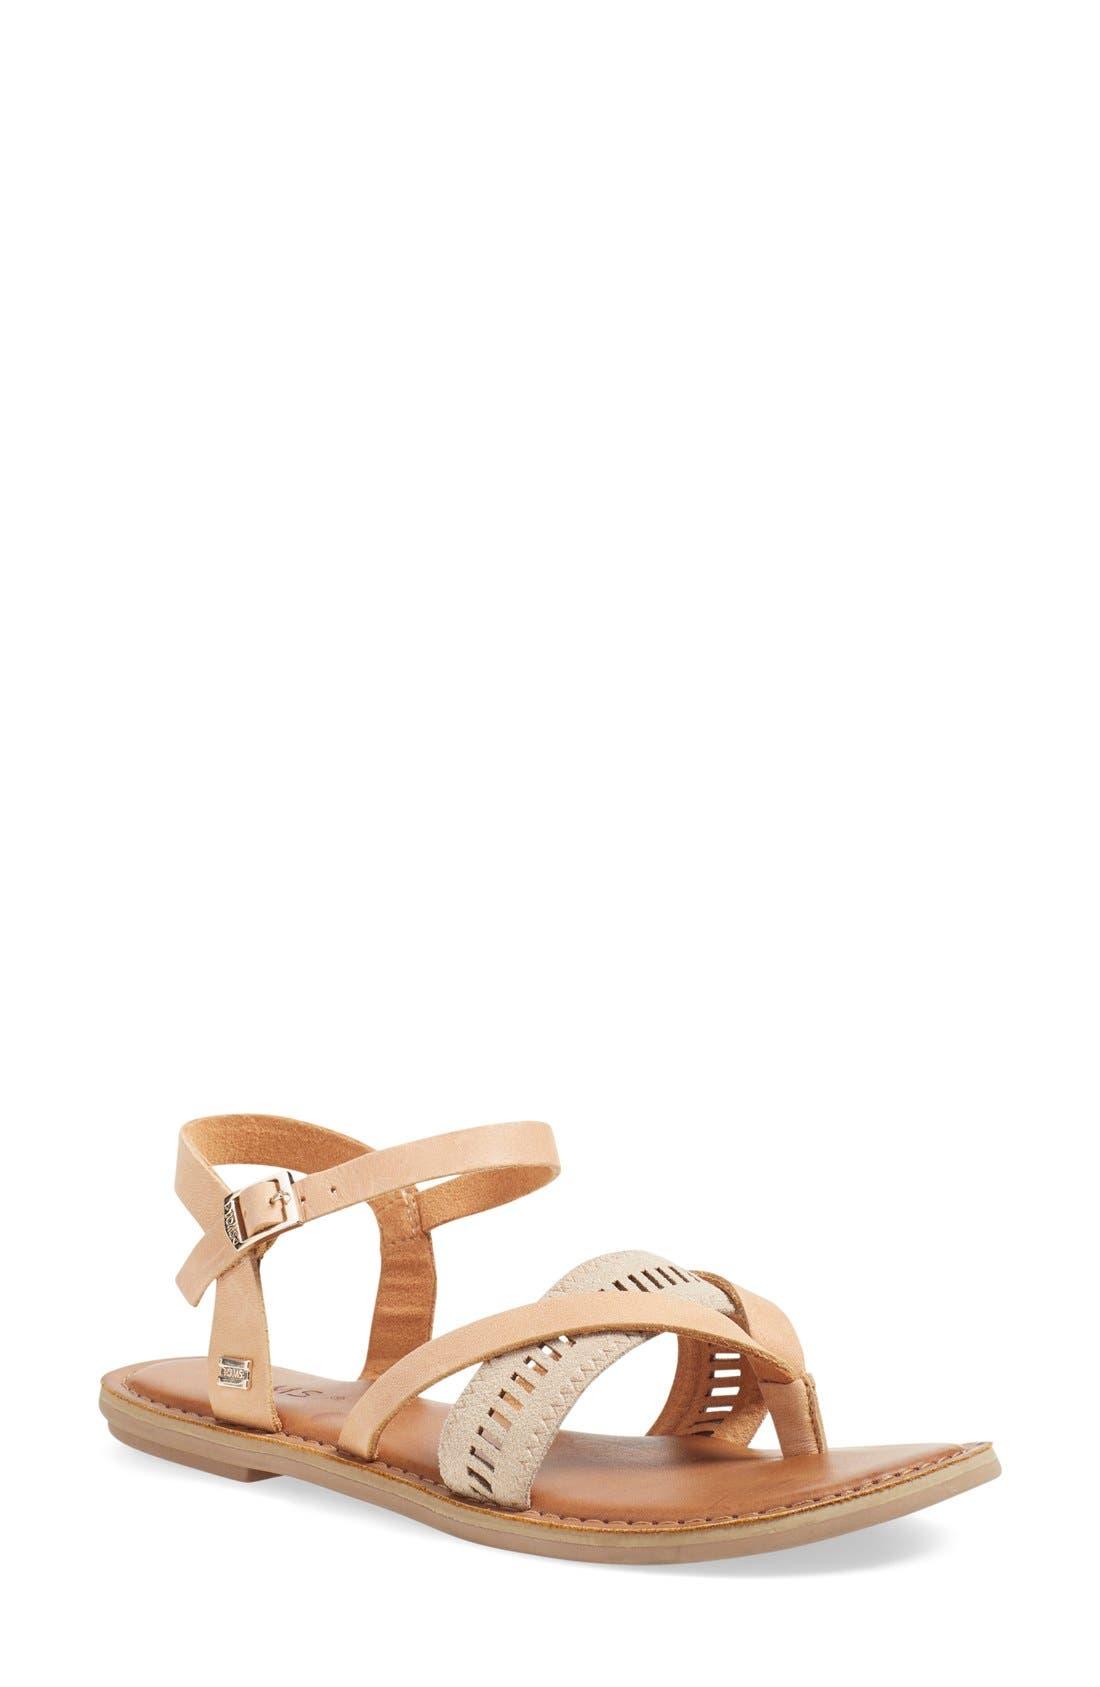 'Lexie' Sandal,                         Main,                         color, Sandstorm Leather